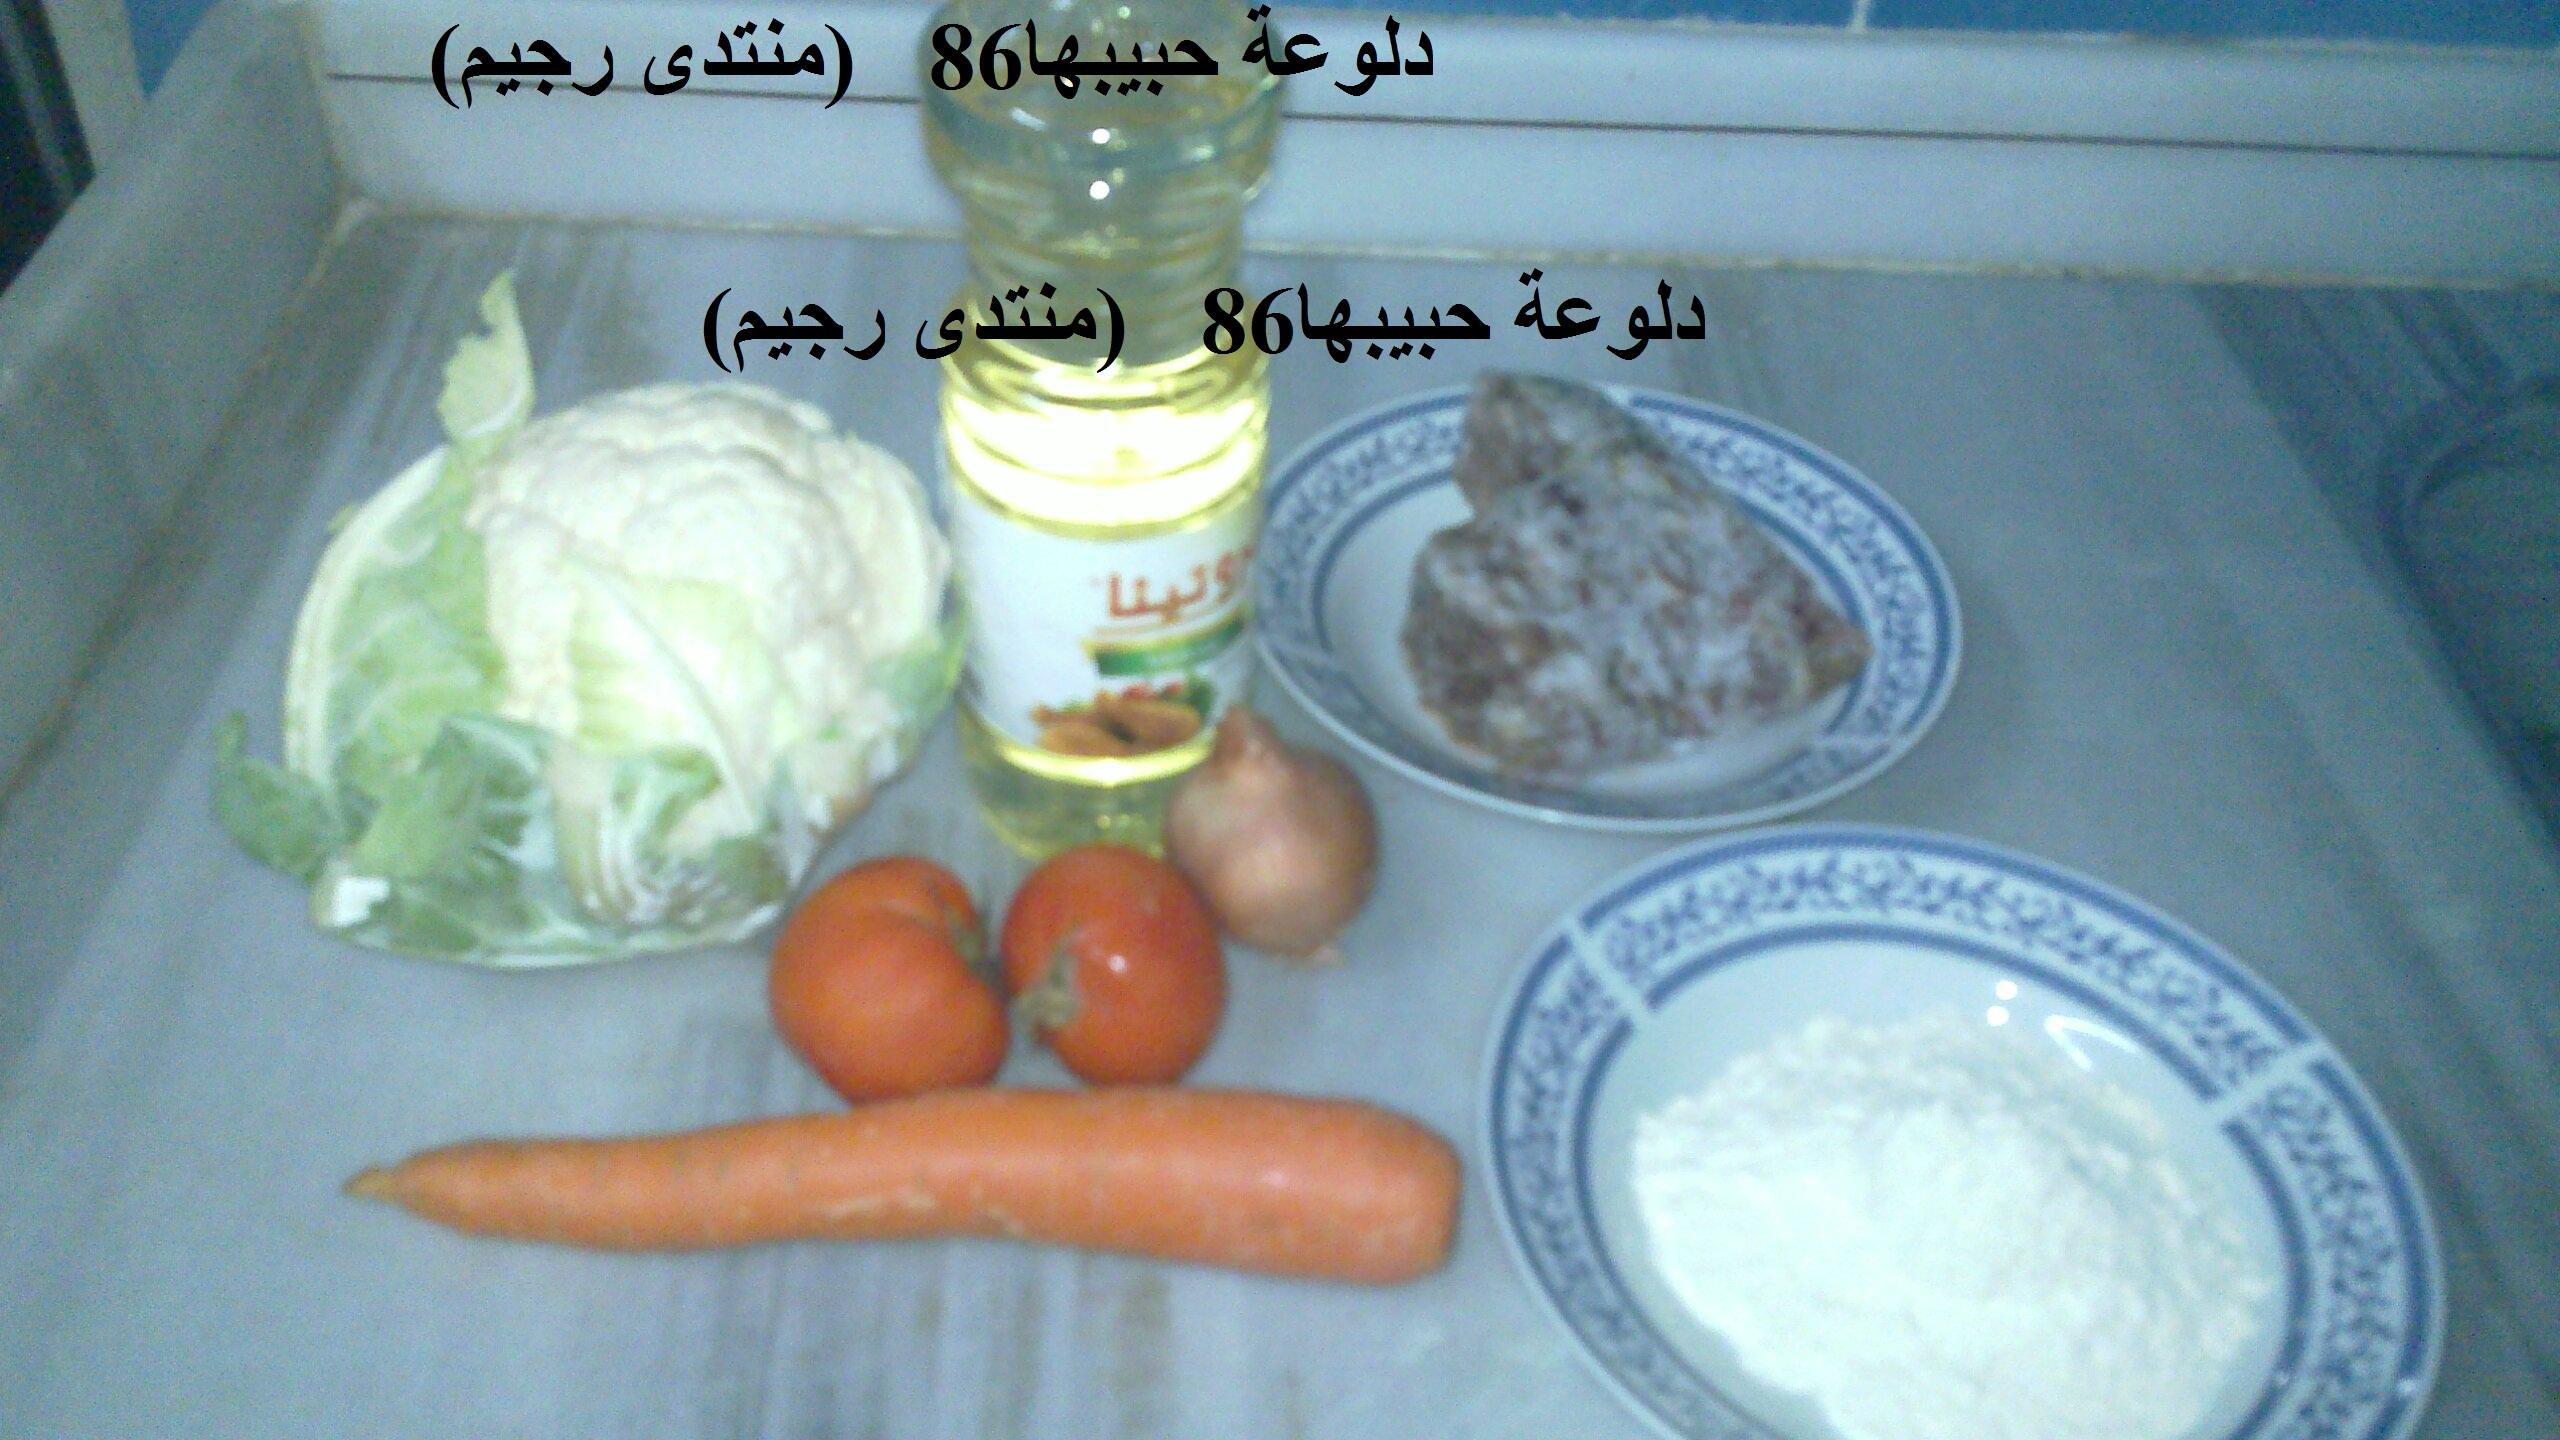 زهرة او قرنبيط بالبشاميل بالصور من مطبخي روعة 13562035721.jpg